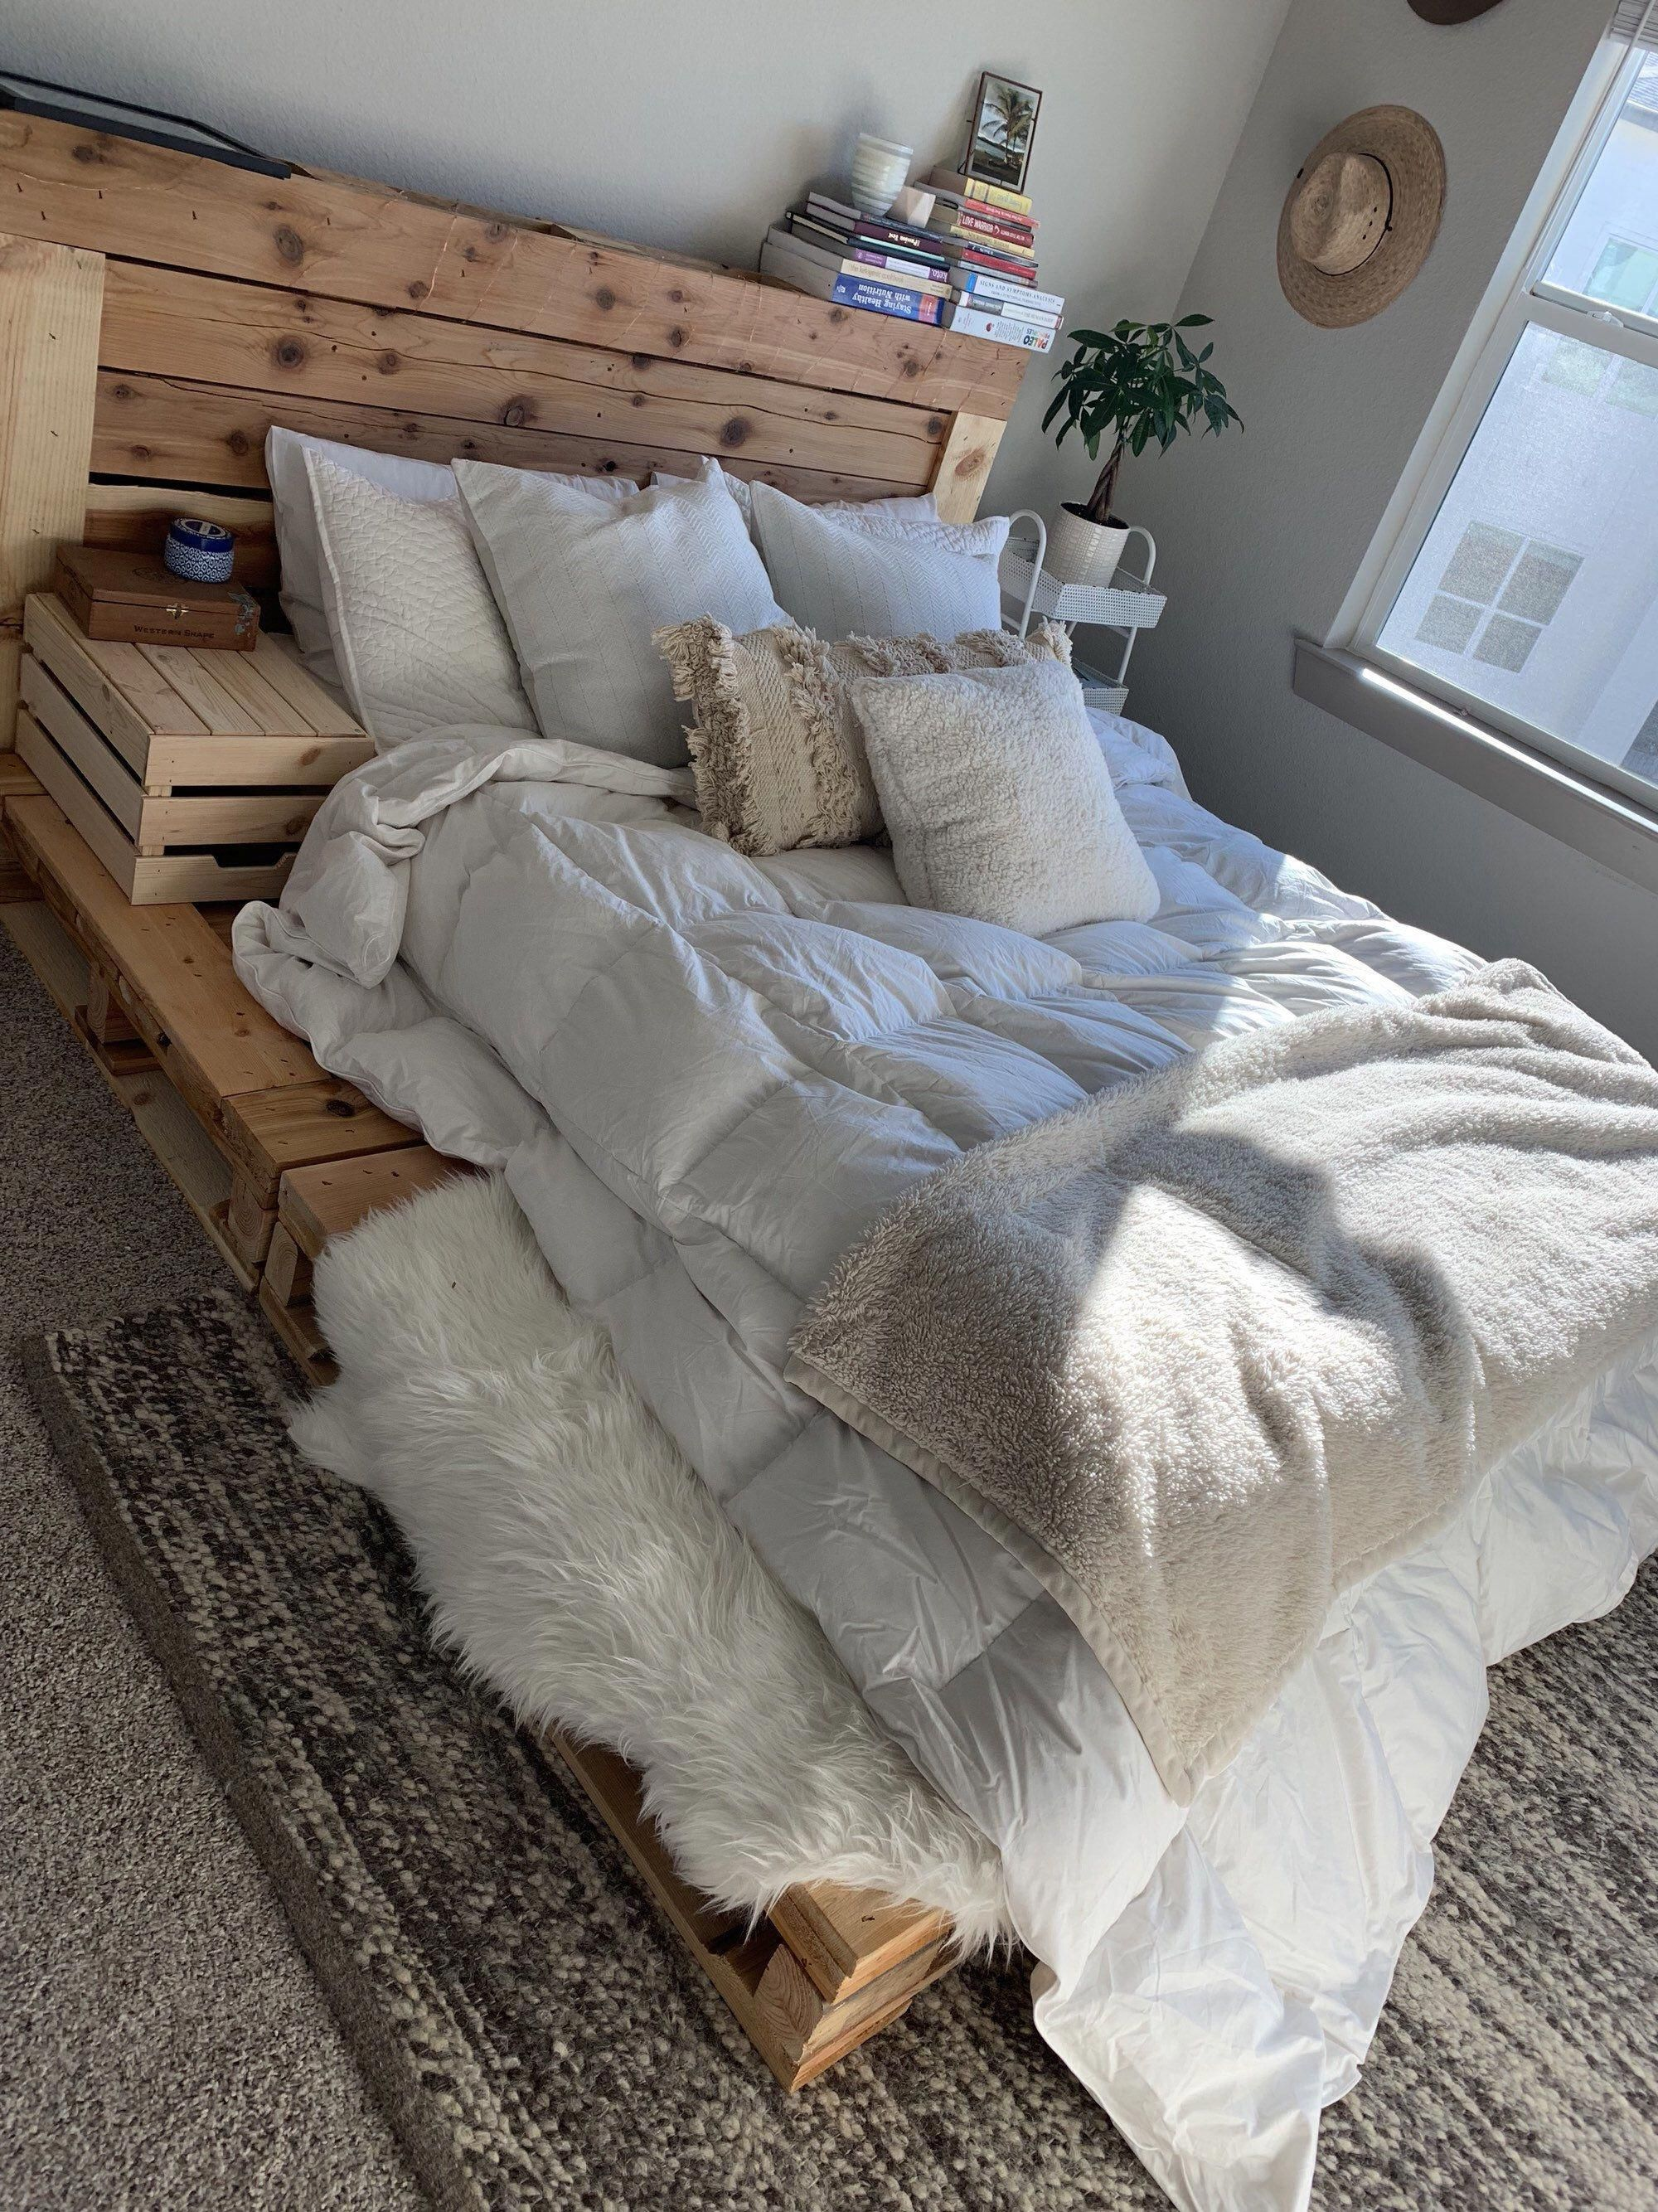 Pallet Platform Bed Queen In 2020 Pallet Platform Bed Minimalist Bedroom Bedroom Decor